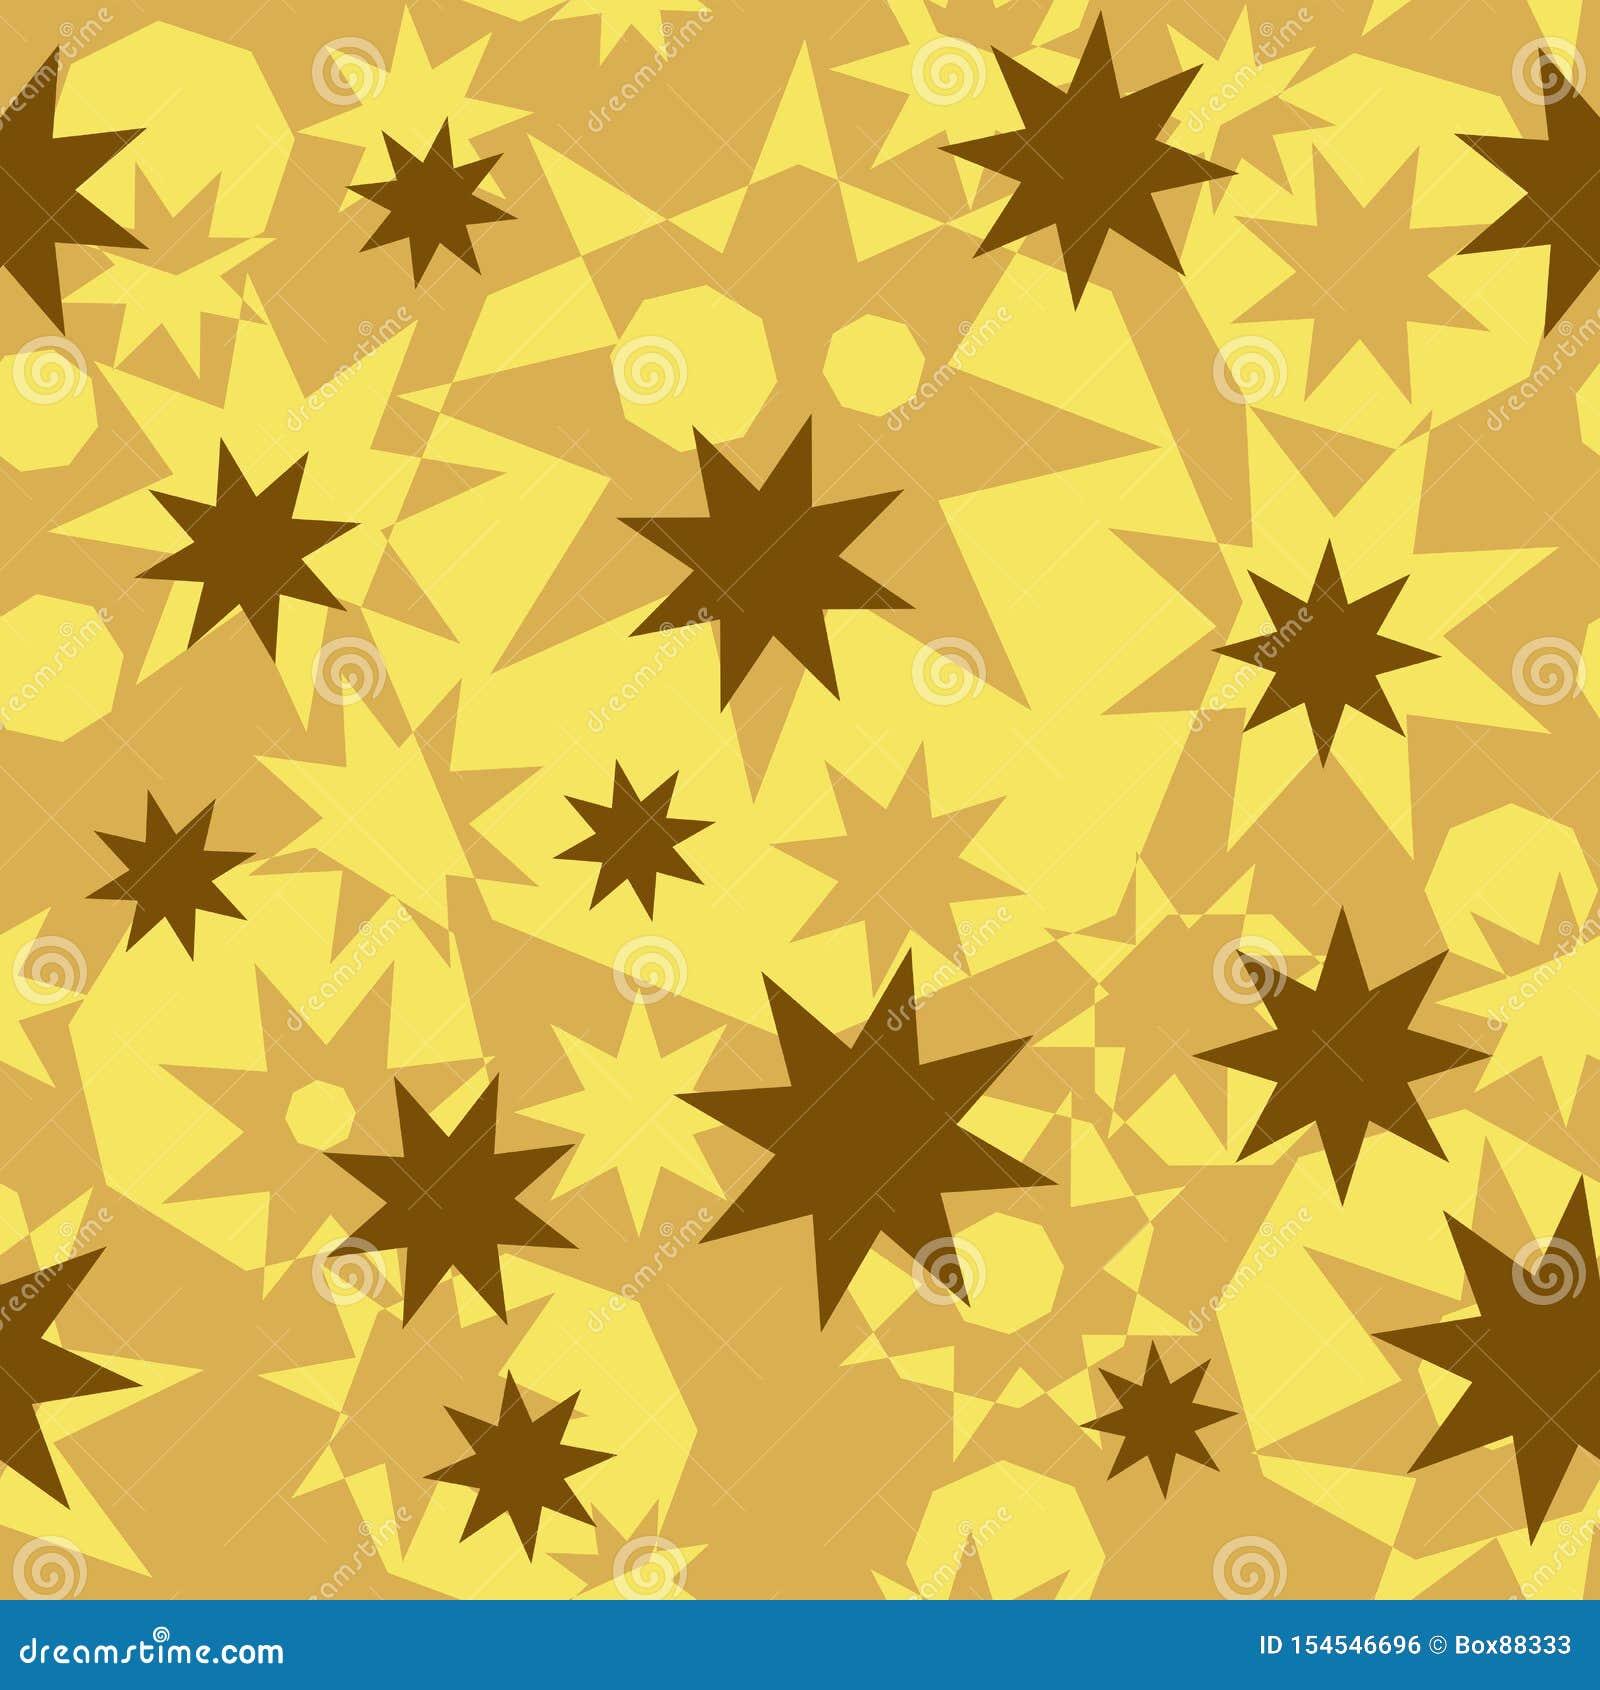 Modelo abstracto inconsútil de formas poligonales geométricas Estrellas del oro, beige, ocres y octágonos octagonales